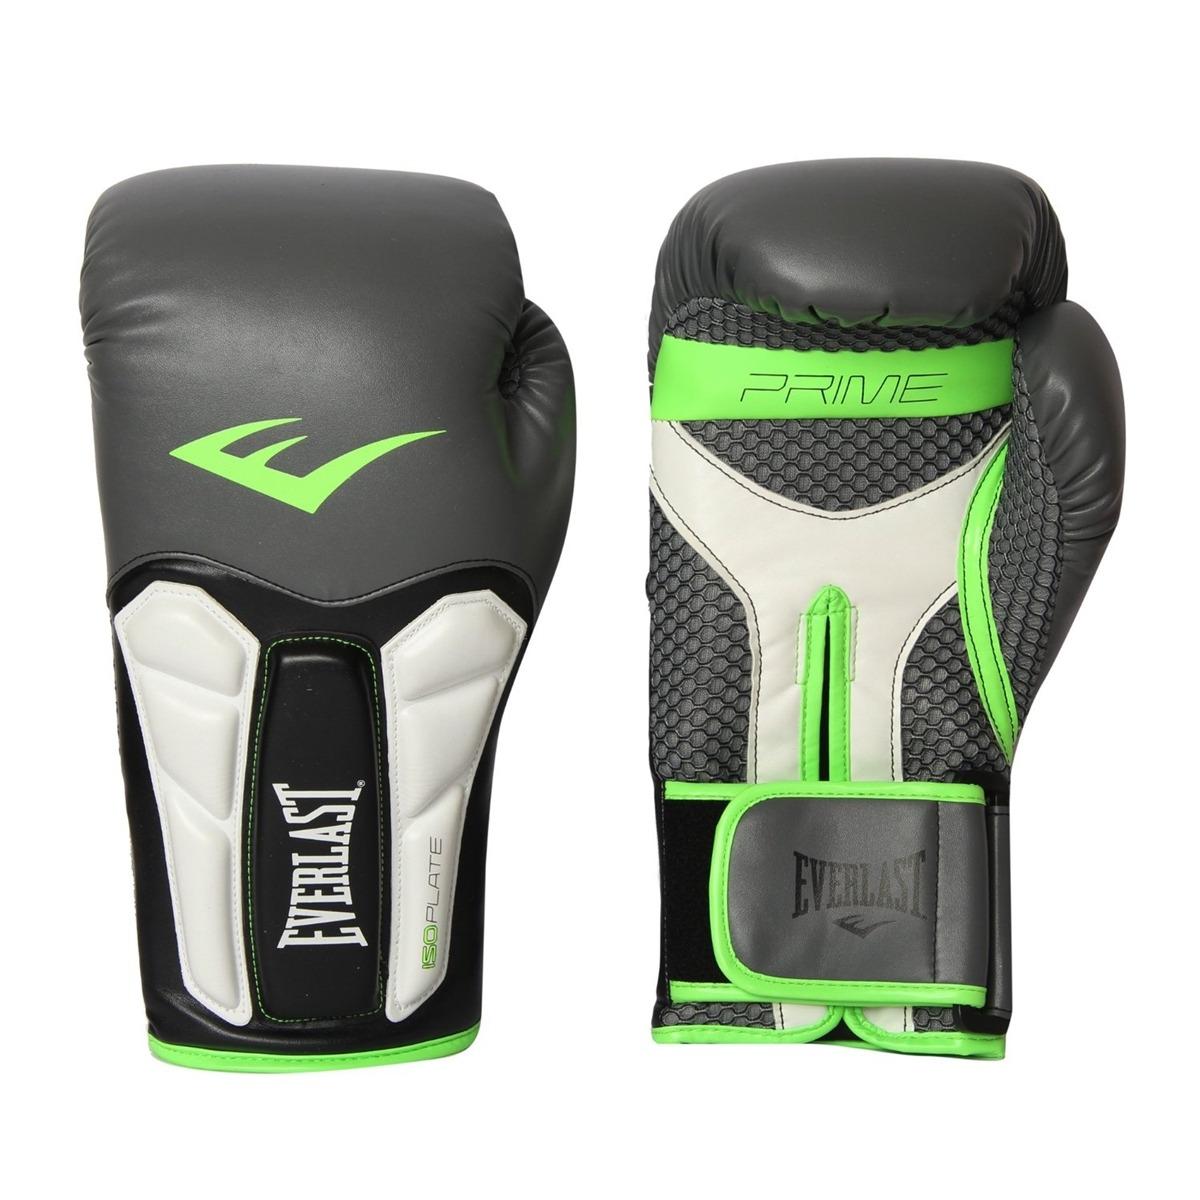 img src  https   http2.mlstatic.com luva-everlast-boxe-muay-thai-elite- prime-everlast-D NQ NP 649879-MLB26106897999 102017-O.jpg   class